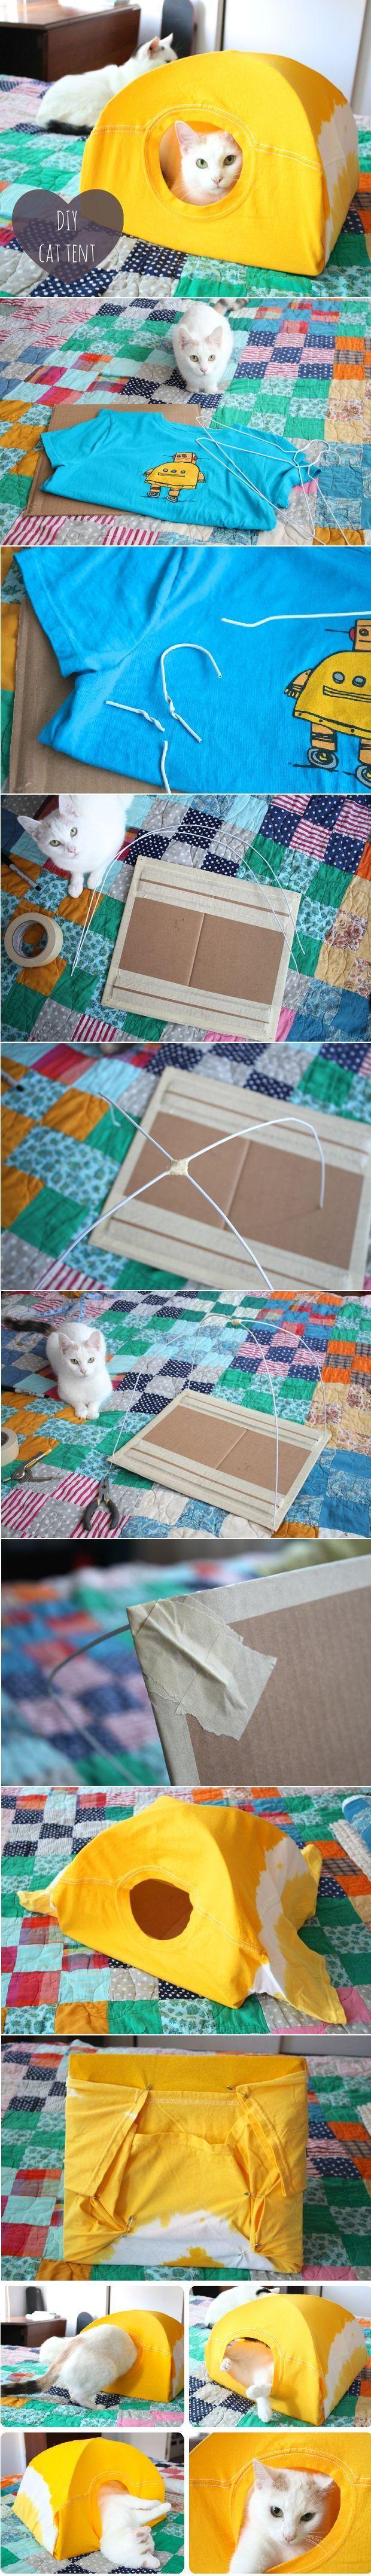 Una camita para gato o perro pequeño que puedes hacer en casa con una polera y un colgador